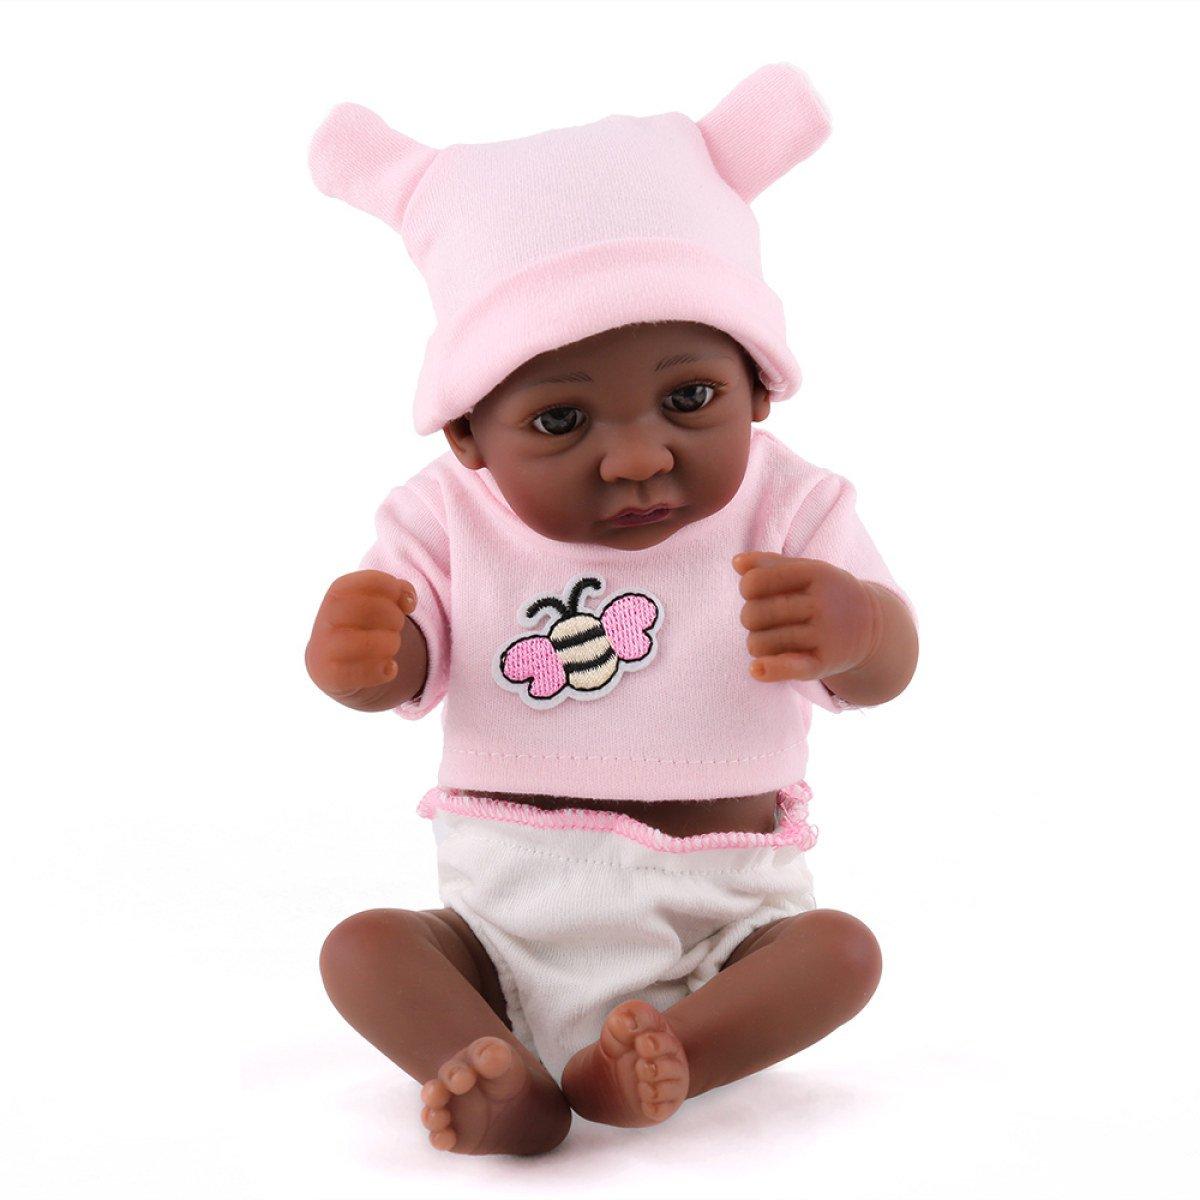 Reborn Baby Puppen Handgemachte Lebensechte Realistische Silikon Vinyl Schöne Schwarze Baby Puppe Weiche Simulation Augen öffnen Kinder Lieblingsgeschenk 11 Zoll